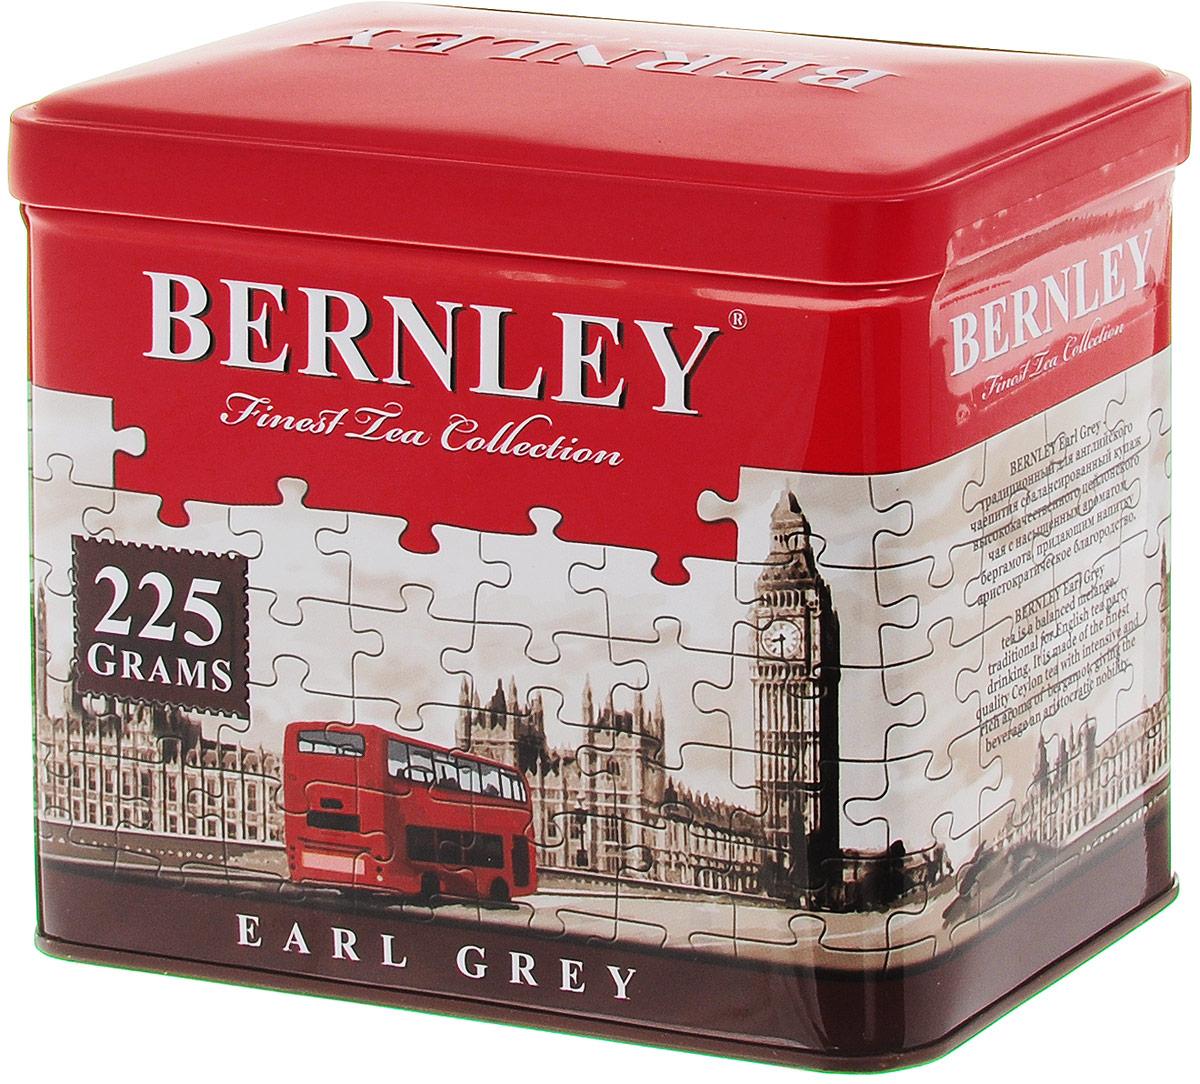 Bernley Earl Grey черный листовой ароматизированный чай, 225 г (ж/б)0120710Bernley Earl Grey - это превосходно сбалансированный купаж с изысканным вкусом и тончайшим ароматом бергамота, тропического фрукта, который усиливает освежающее действие великолепного черного цейлонского чая, подчеркивая его неповторимые природные достоинства. Этот бодрящий напиток с легкими цитрусовыми нотками в послевкусии прекрасно подходит для чаепития в любое время.